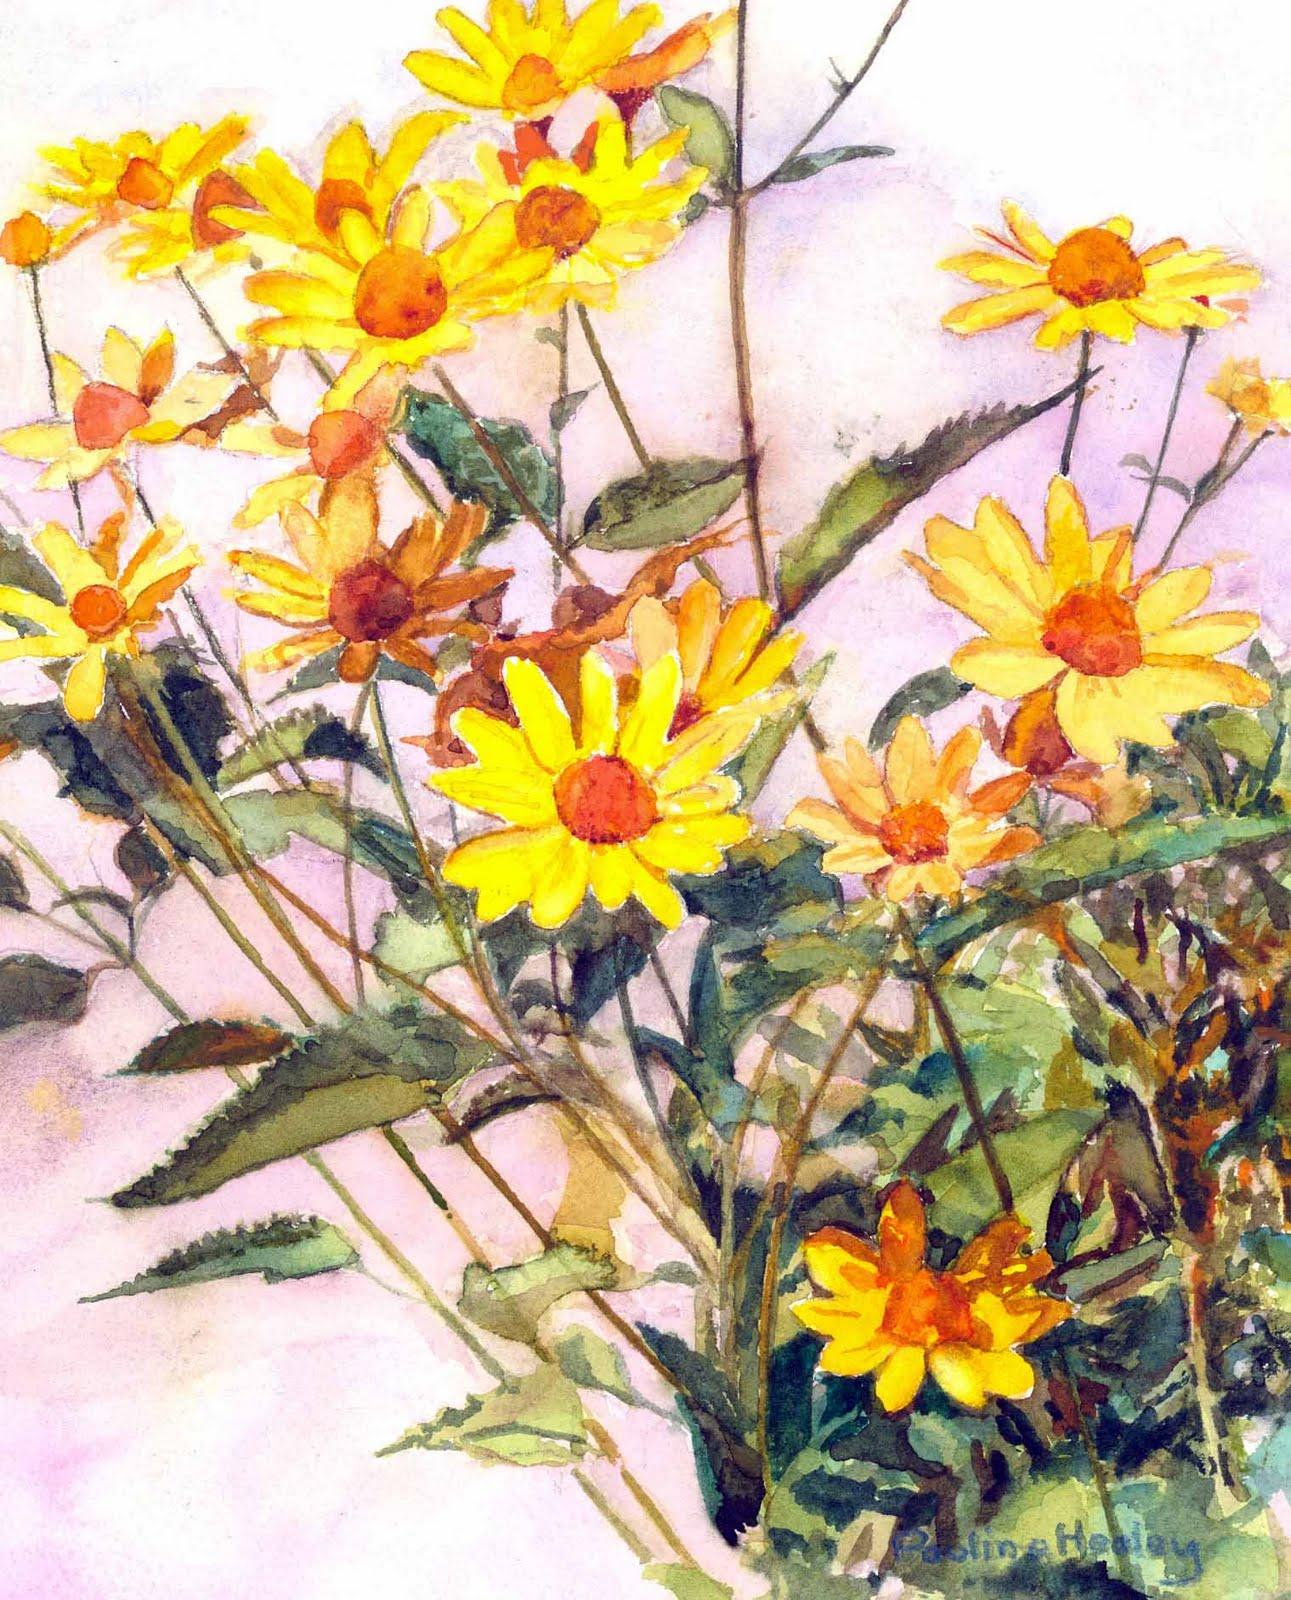 Paulines Art Yellow Corn Flowers